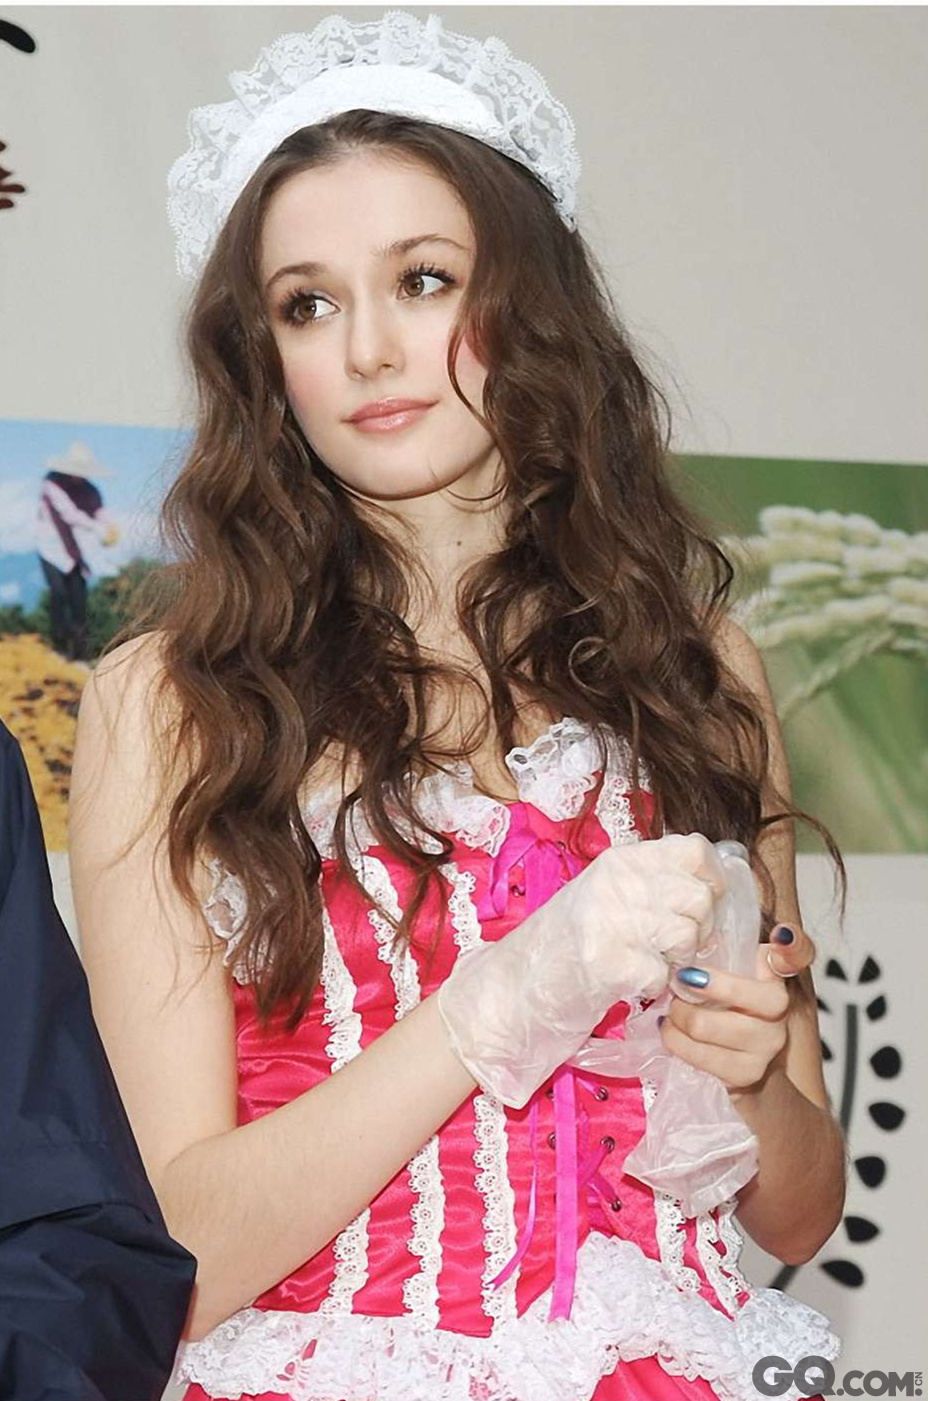 """相对于俄罗斯着名的美女们,乌克兰的姑娘们显得更加娇美和精致,身材要更加纤细,皮肤也更粉嫩。近几年中国很多平面广告都采用了乌克兰国籍的模特,她们基本上14岁就开始成熟,造型多变,活泼又精力旺盛,让模特经纪和广告公司们喜爱有加。走在乌克兰的大街上,这些充满了青春活力的姑娘们简直是让人目不暇接,除了身材绝佳,她们还拥有着天生的好品位,时尚在她们的身上被展现无疑。虽然很多姑娘们在结婚以后身材发福的厉害,但仍不妨碍乌克兰成为美女的诞生地。怪不得要打出""""姑娘不出售""""的标语来警告那些冲动的男人们。"""